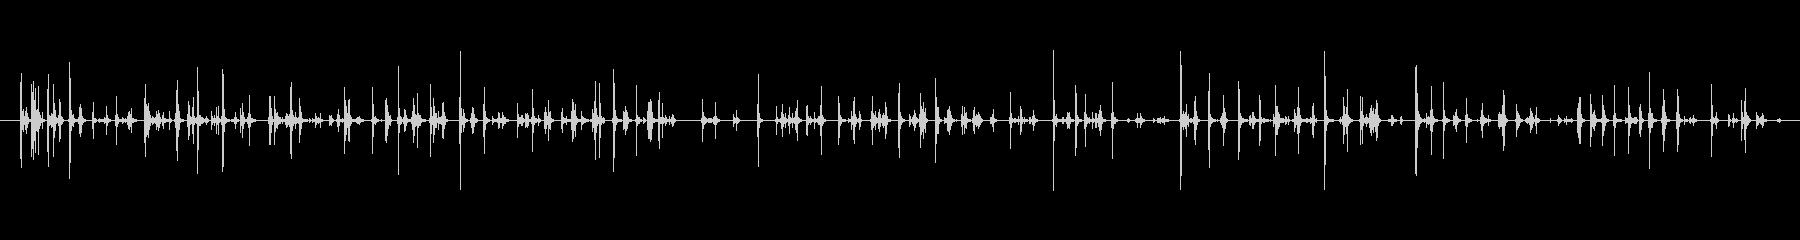 【PC キーボード01-3】の未再生の波形